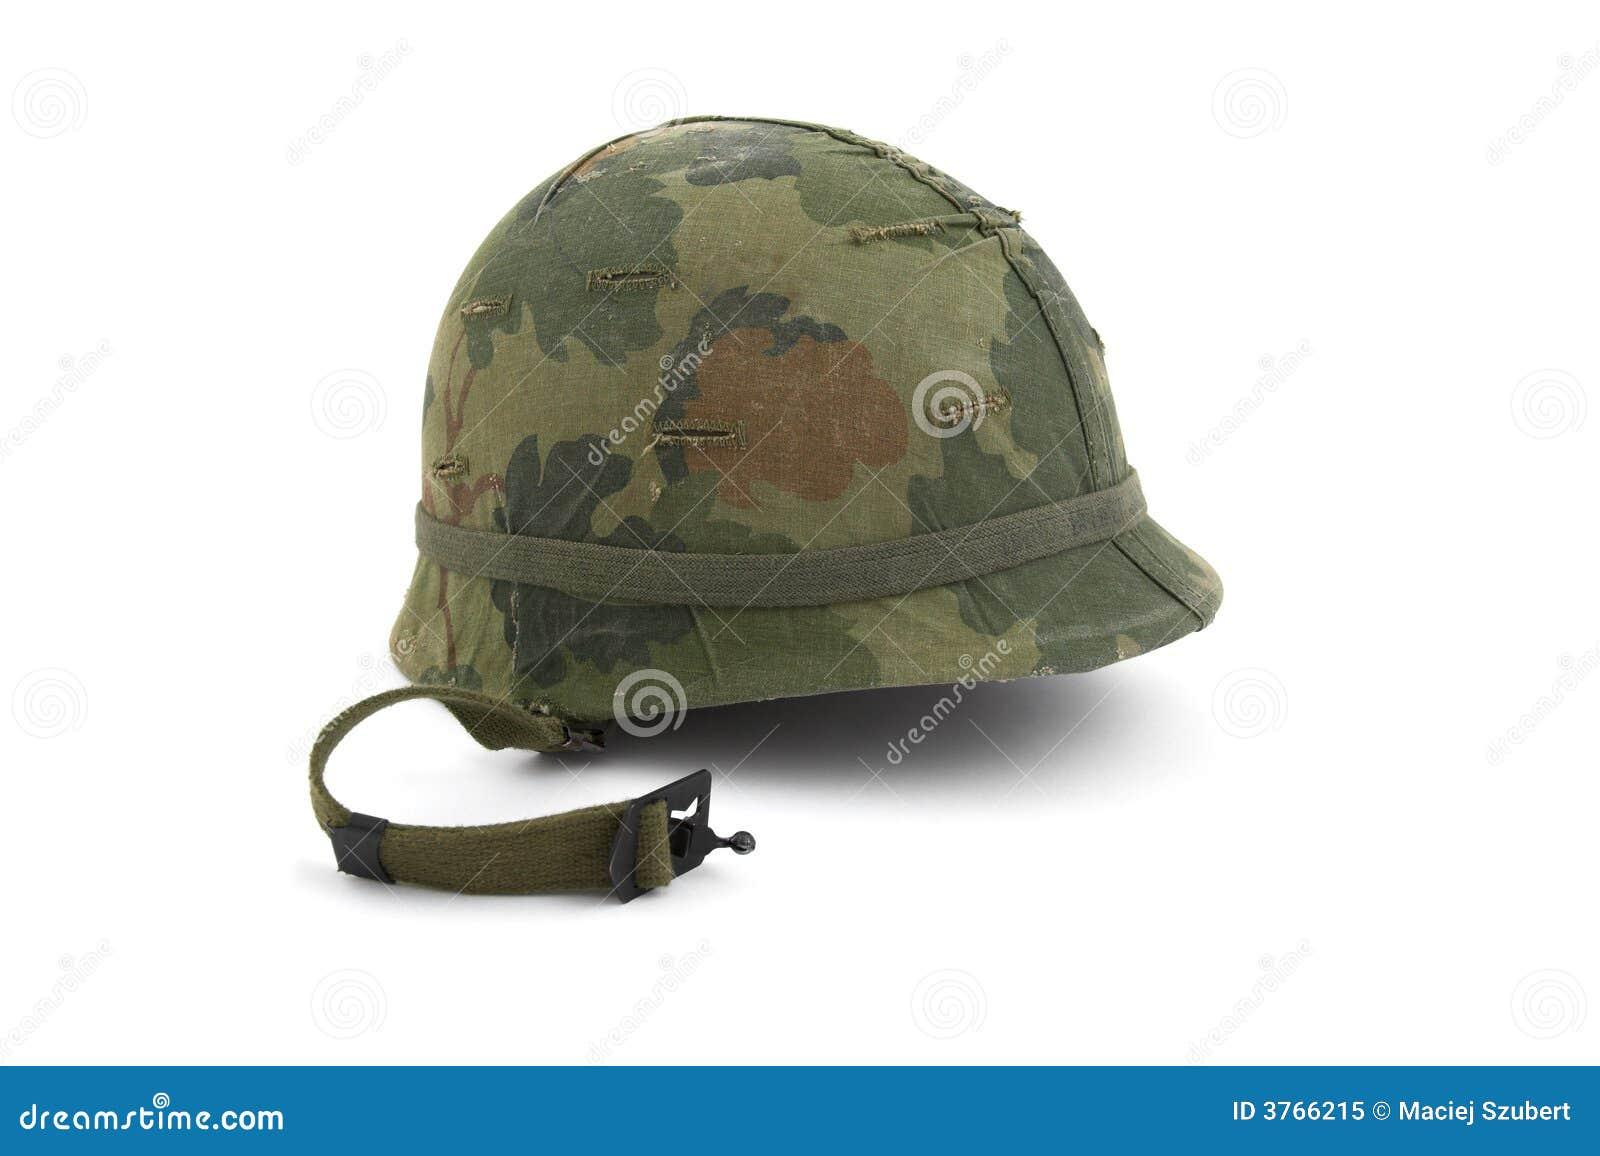 US Army helmet - Vietnam era